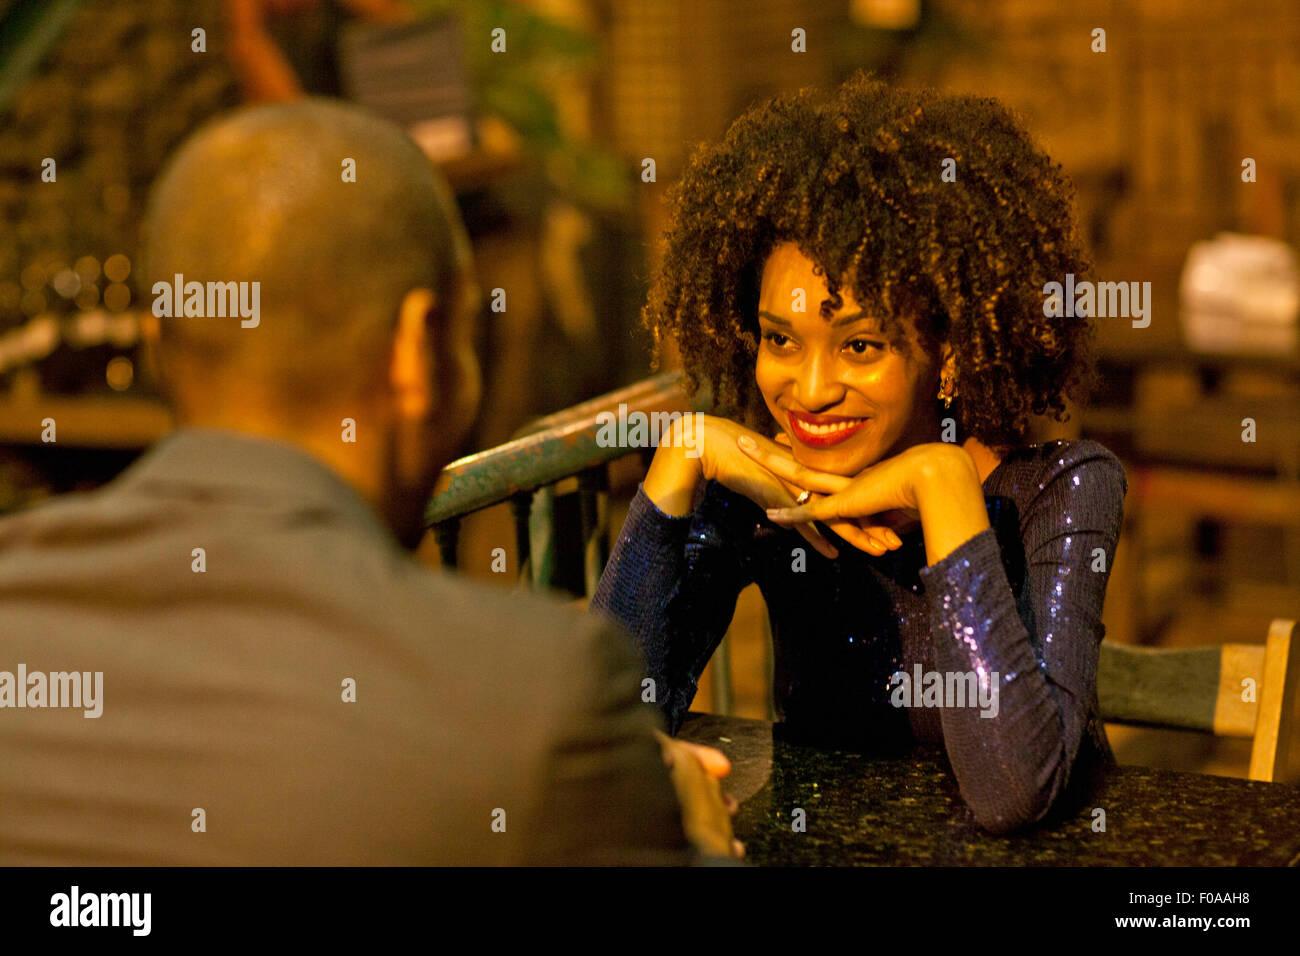 Coppia seduta a tavola al bar, faccia a faccia Immagini Stock